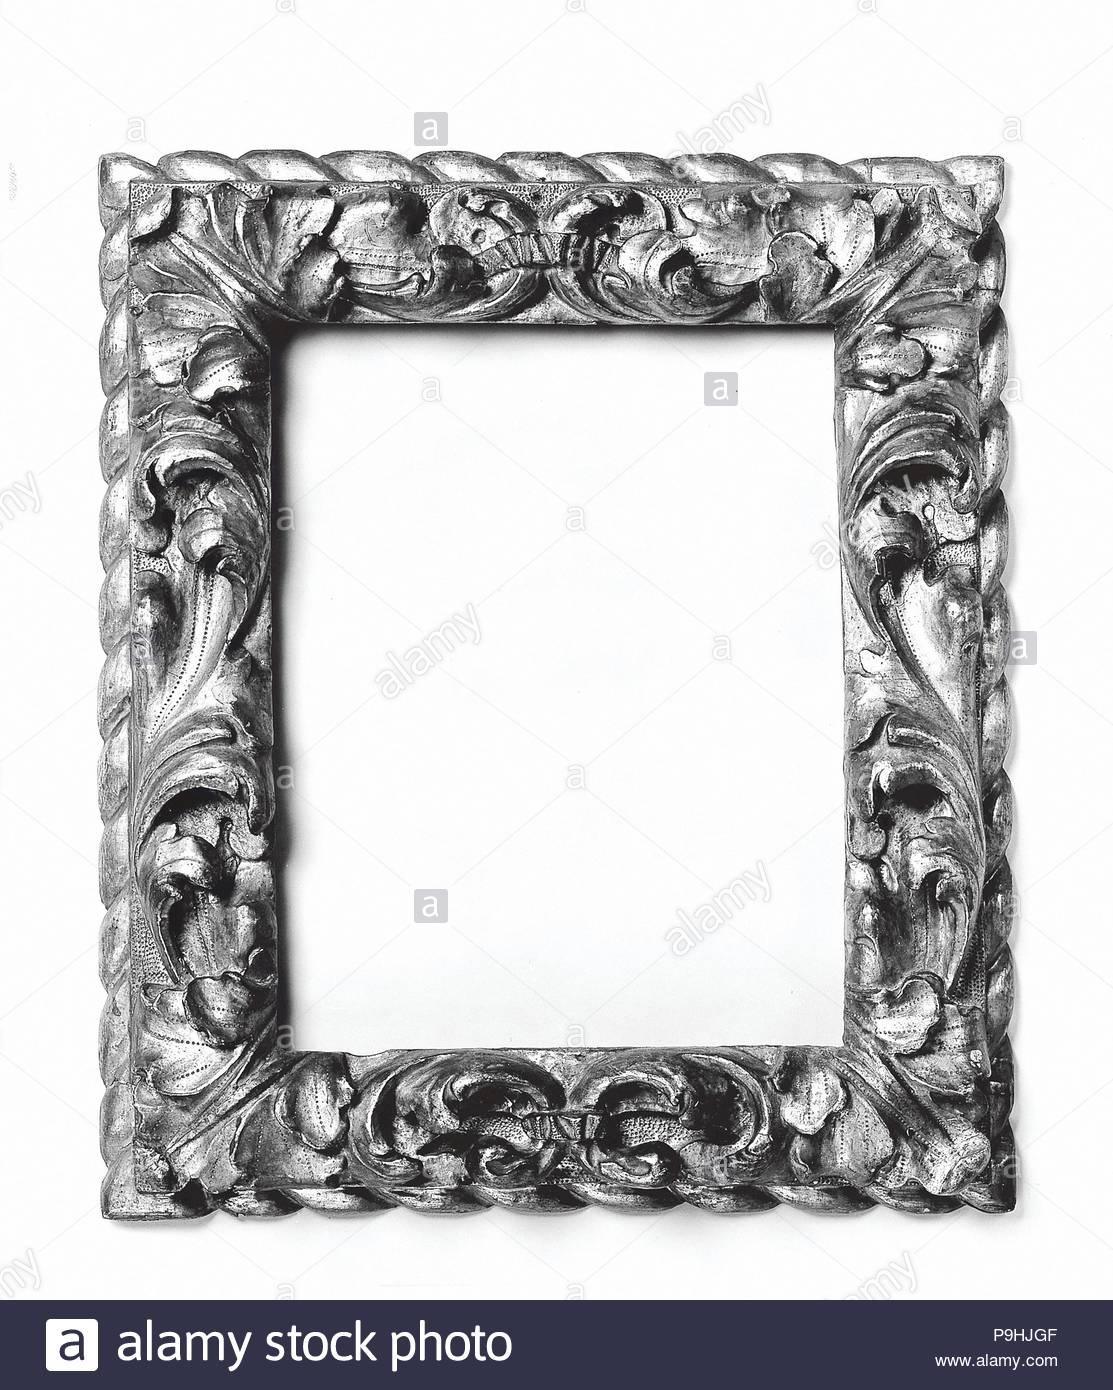 Astragal Frame Stockfotos & Astragal Frame Bilder - Alamy